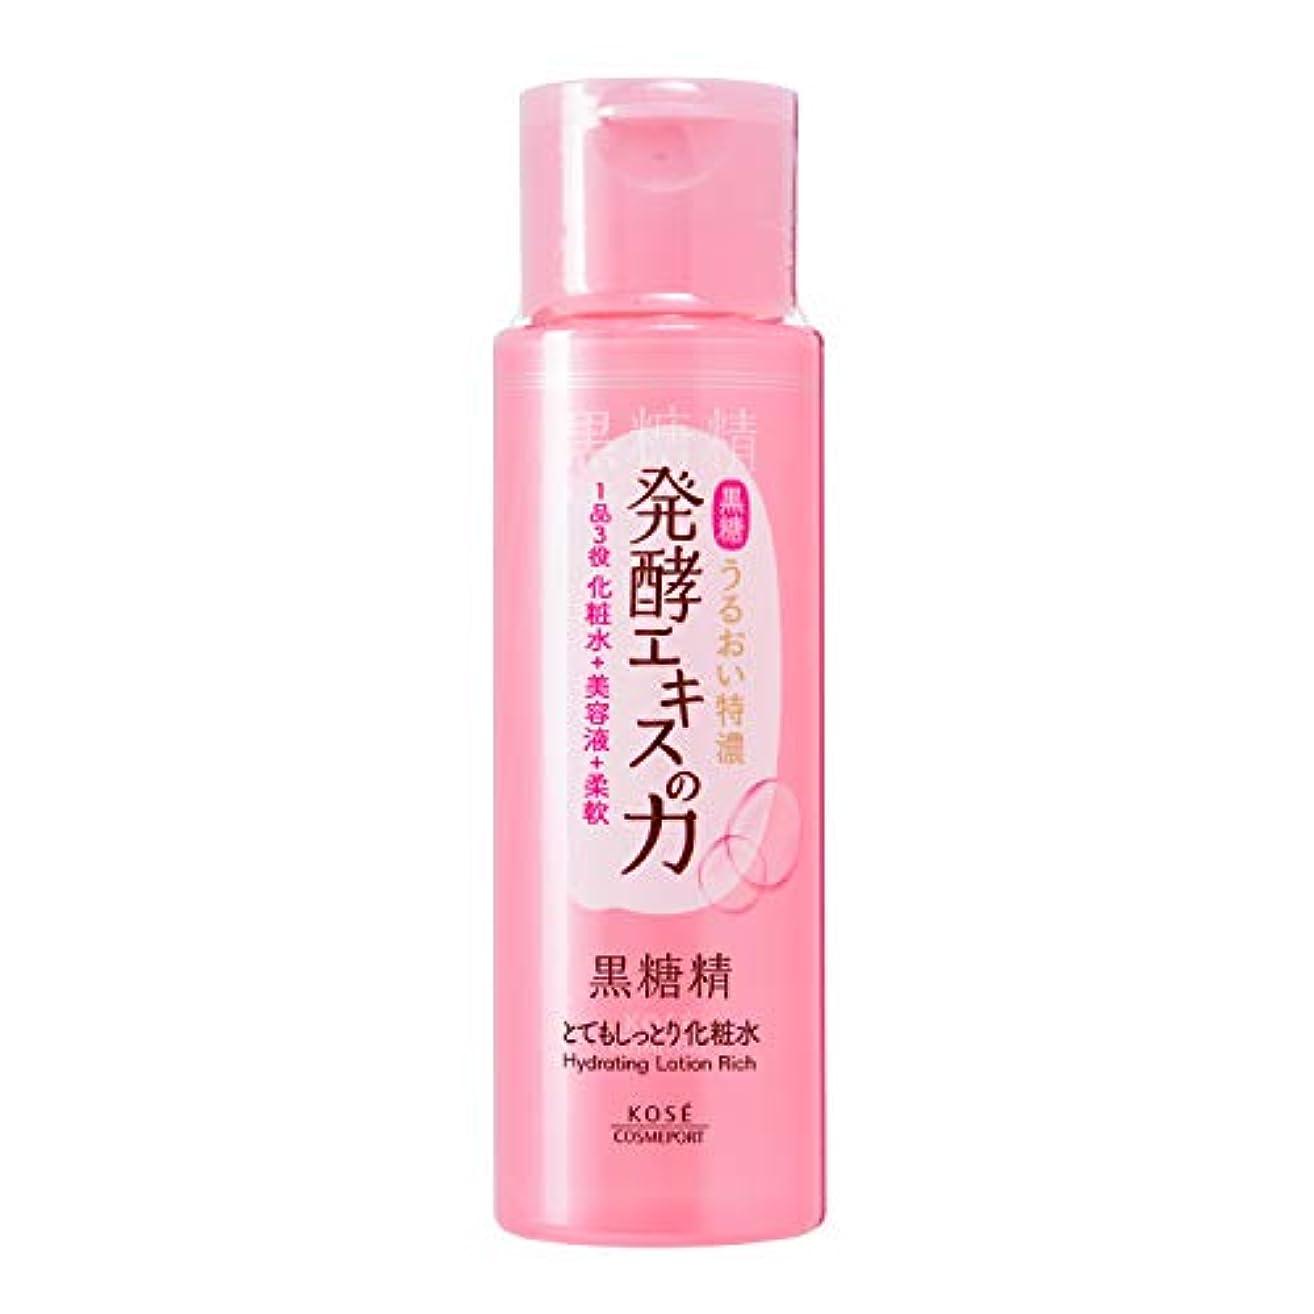 収益顕著ファイルKOSE 黒糖精 とてもしっとり化粧水 180mL